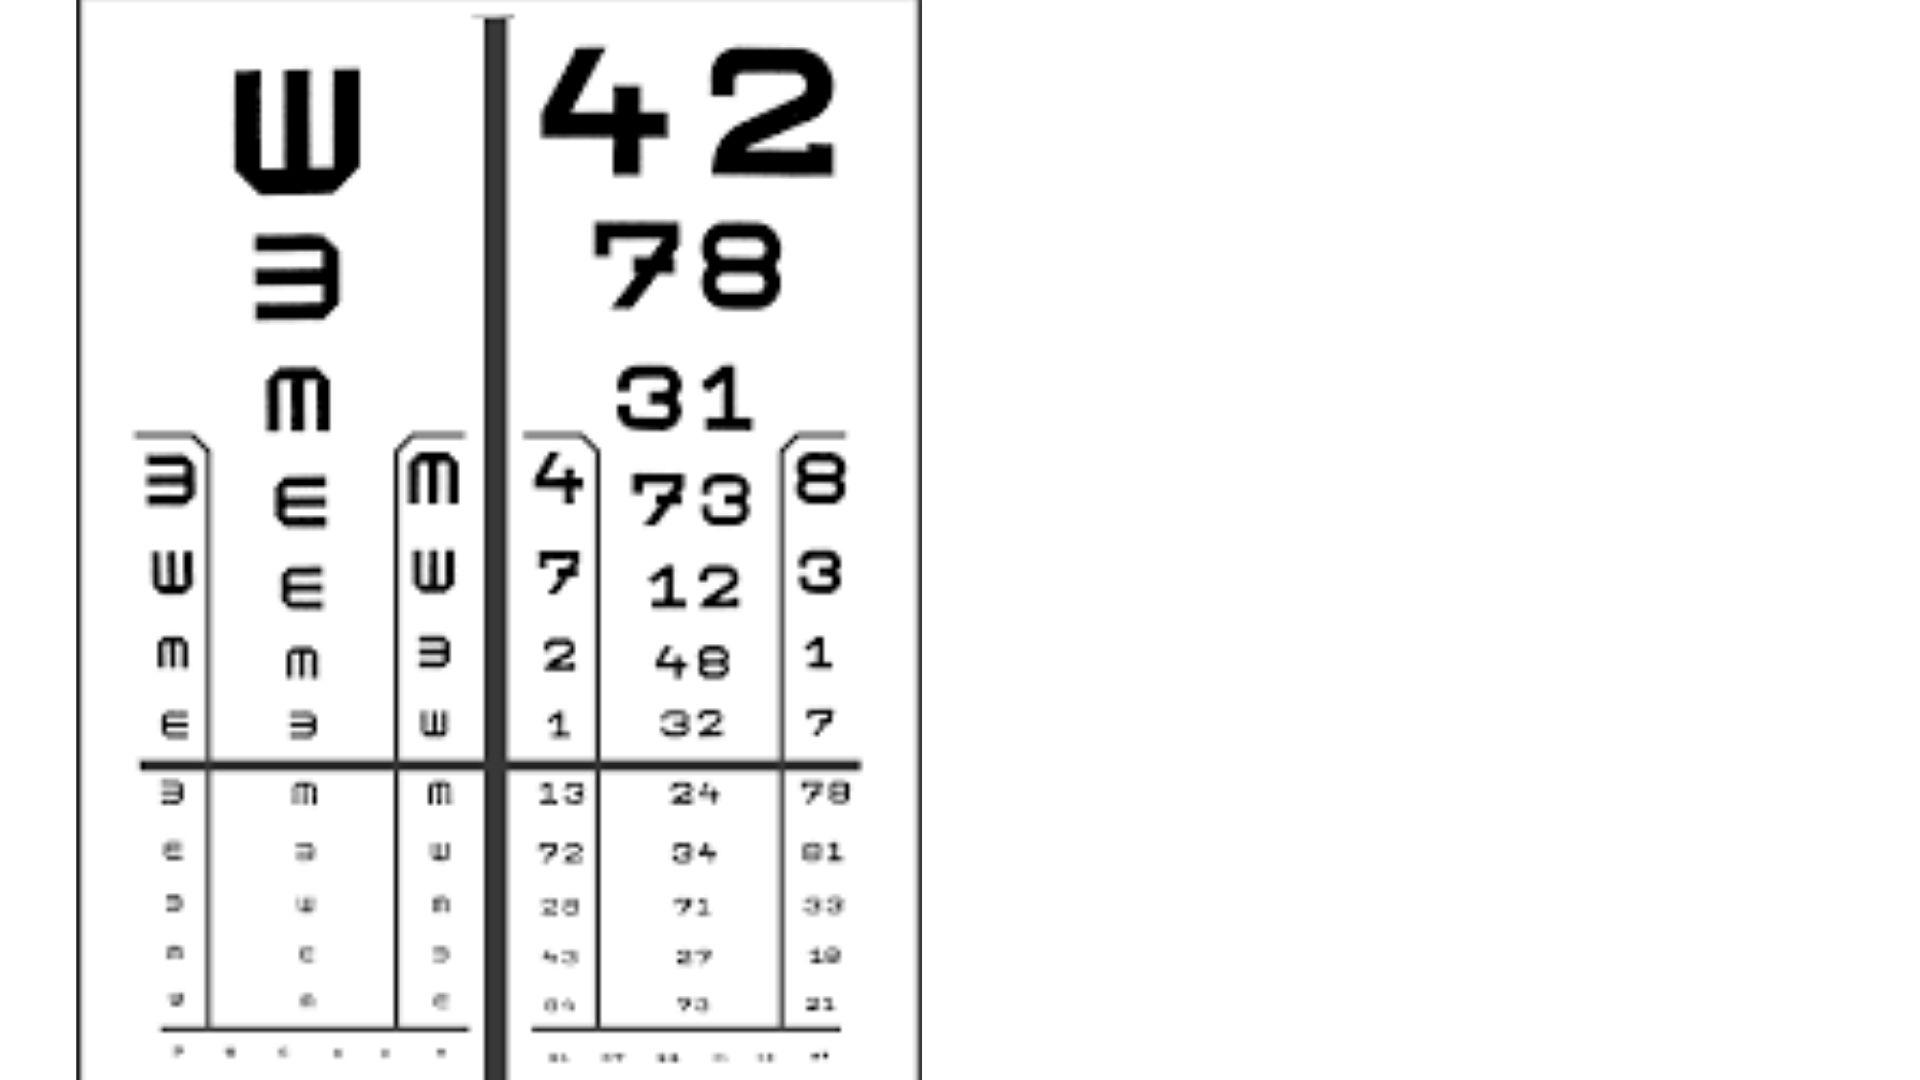 szemvizsgálat most a látás helyreállítása a táblázat szerint